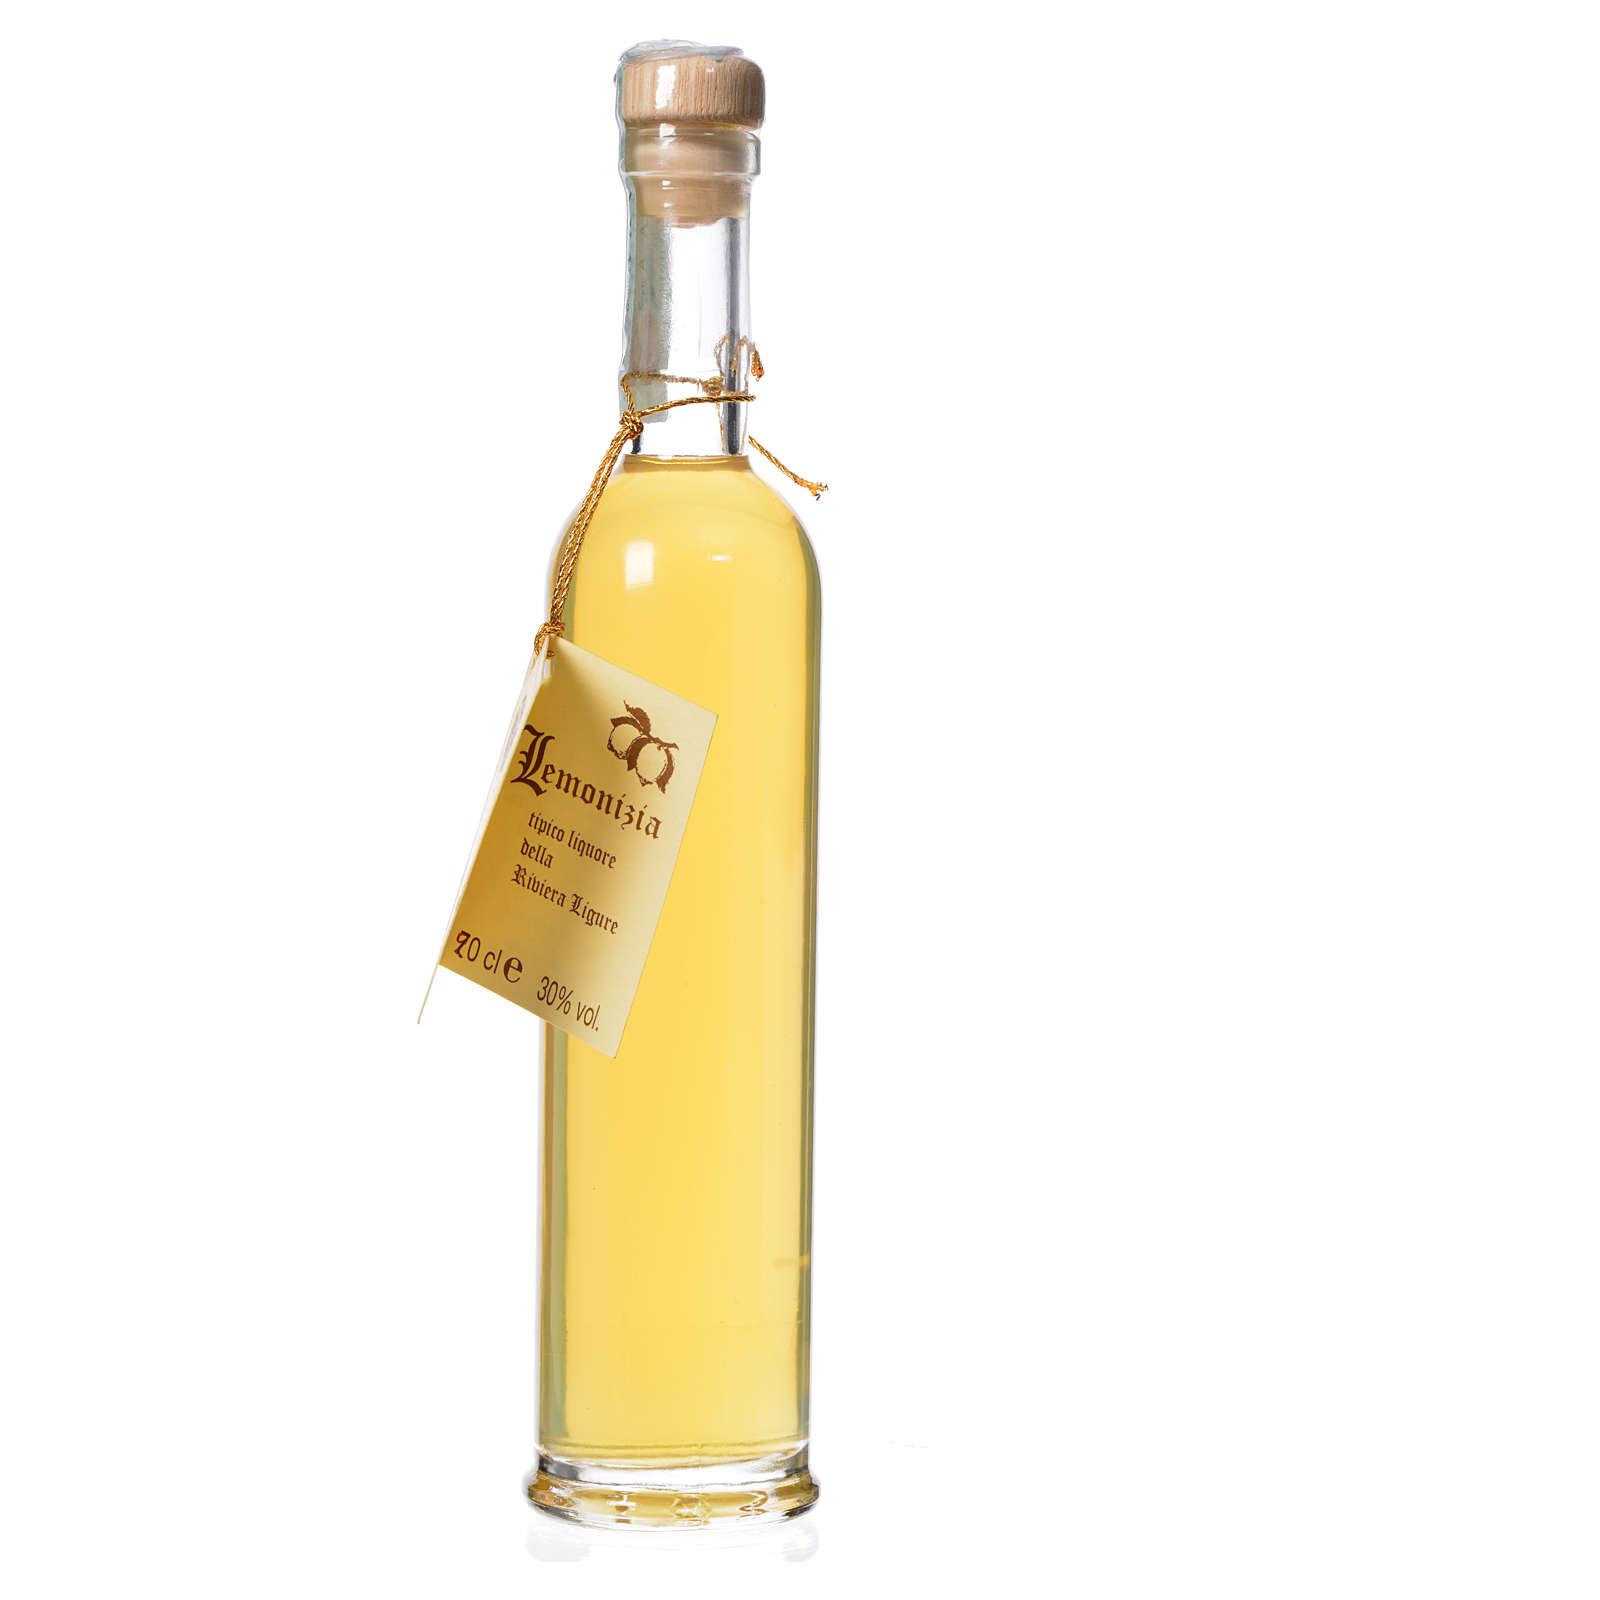 Lemonizia liquore limone e liquirizia 200 ml 3